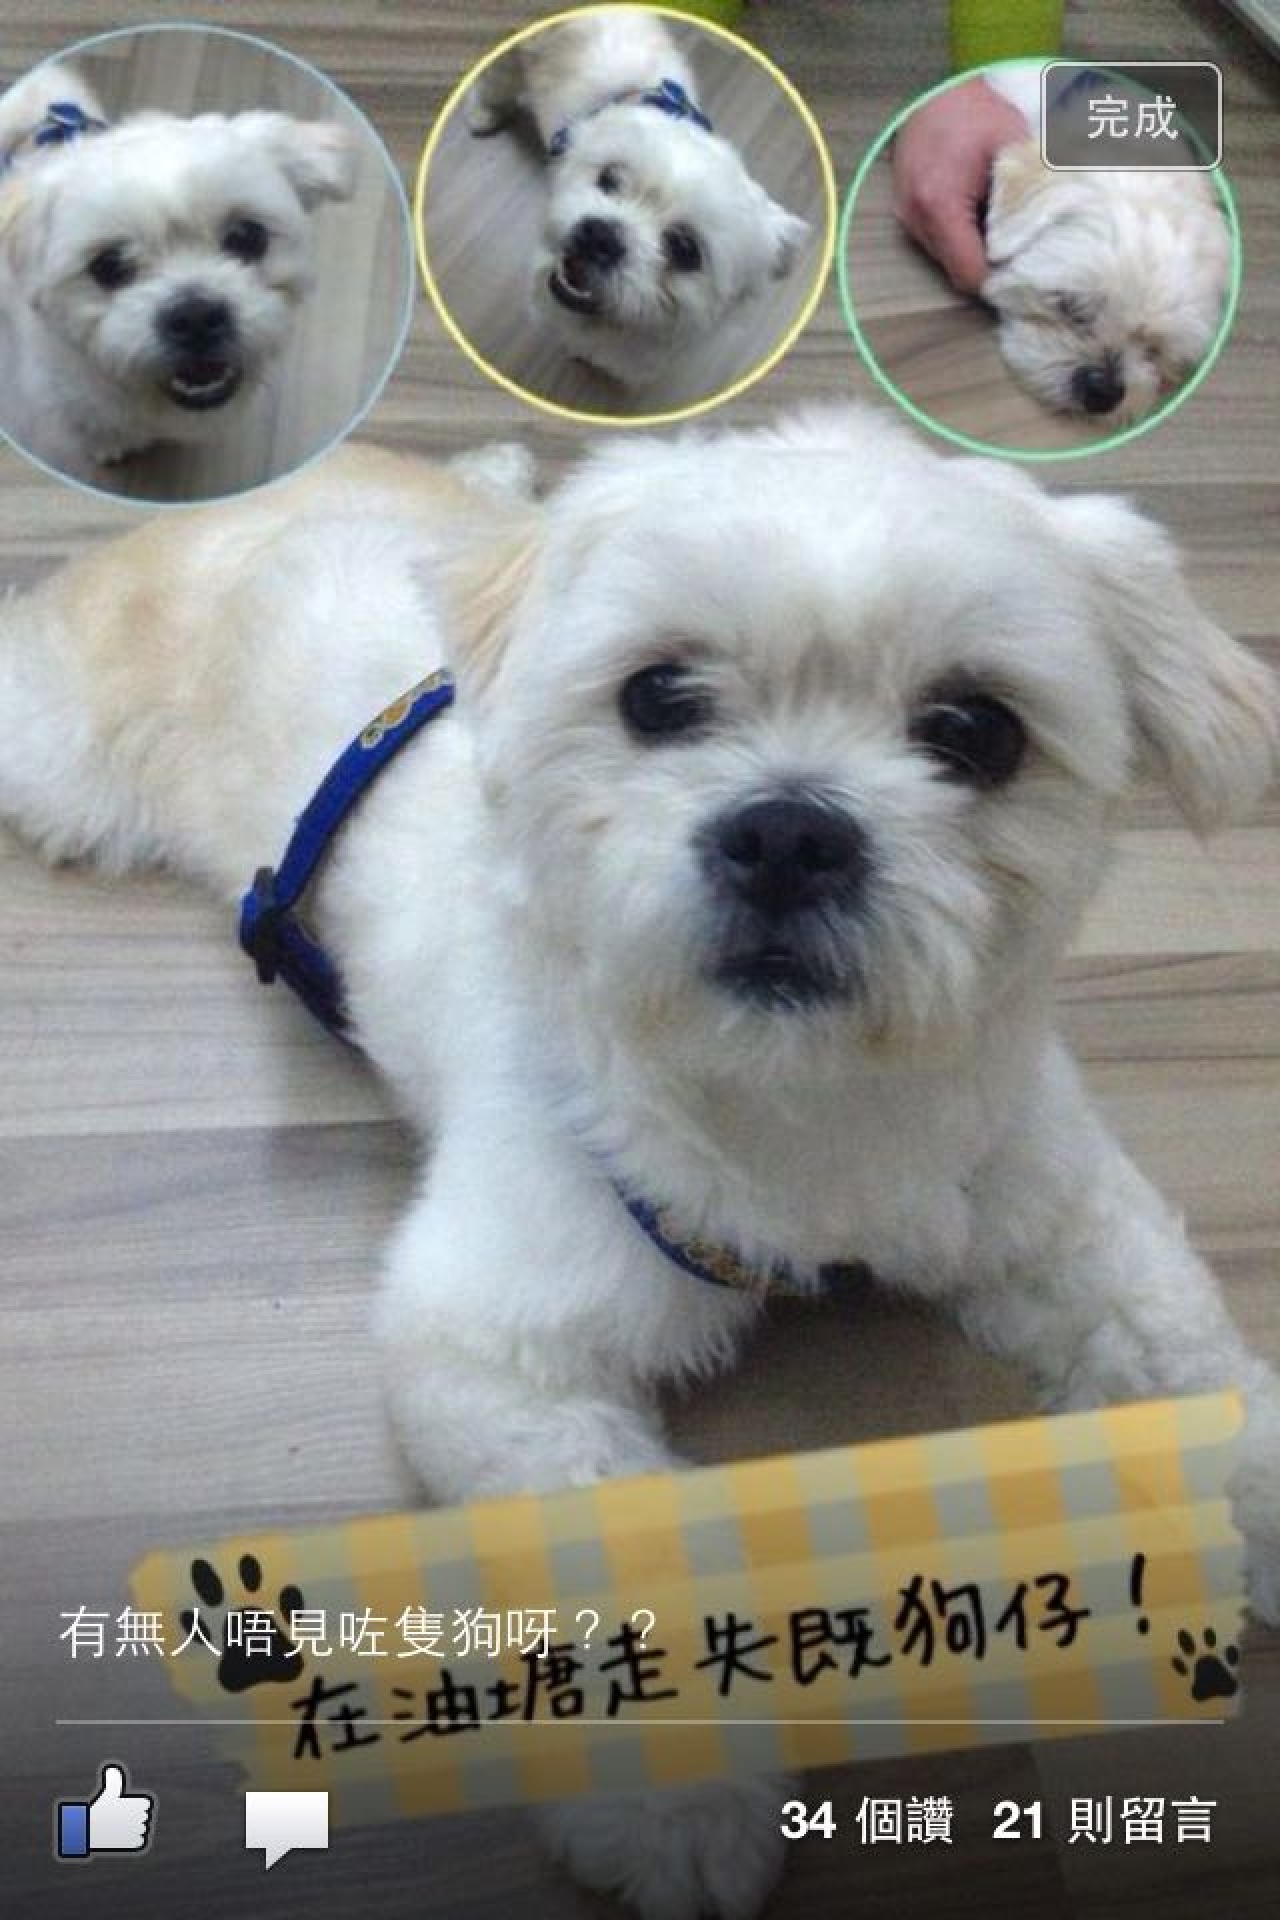 3年前,好心貨倉職員以為Cha Cha是失狗,嘗試貼告示替牠尋回主人。(受訪者提供)